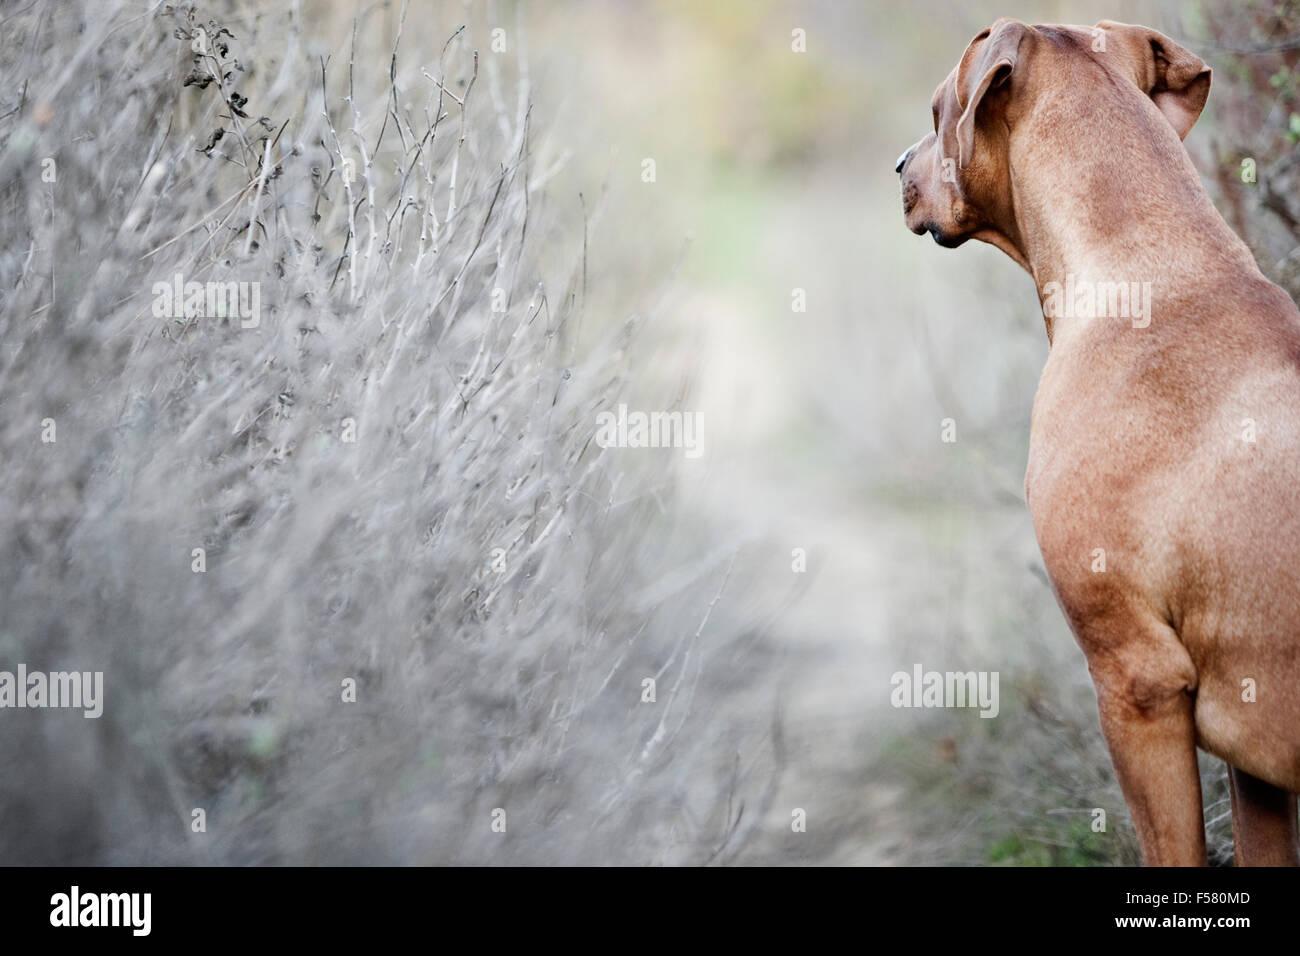 Blick über die Schulter des Rhodesian Ridgeback Hund in der Natur auf der Suche nach unten schmal Schmutz Weg Stockbild